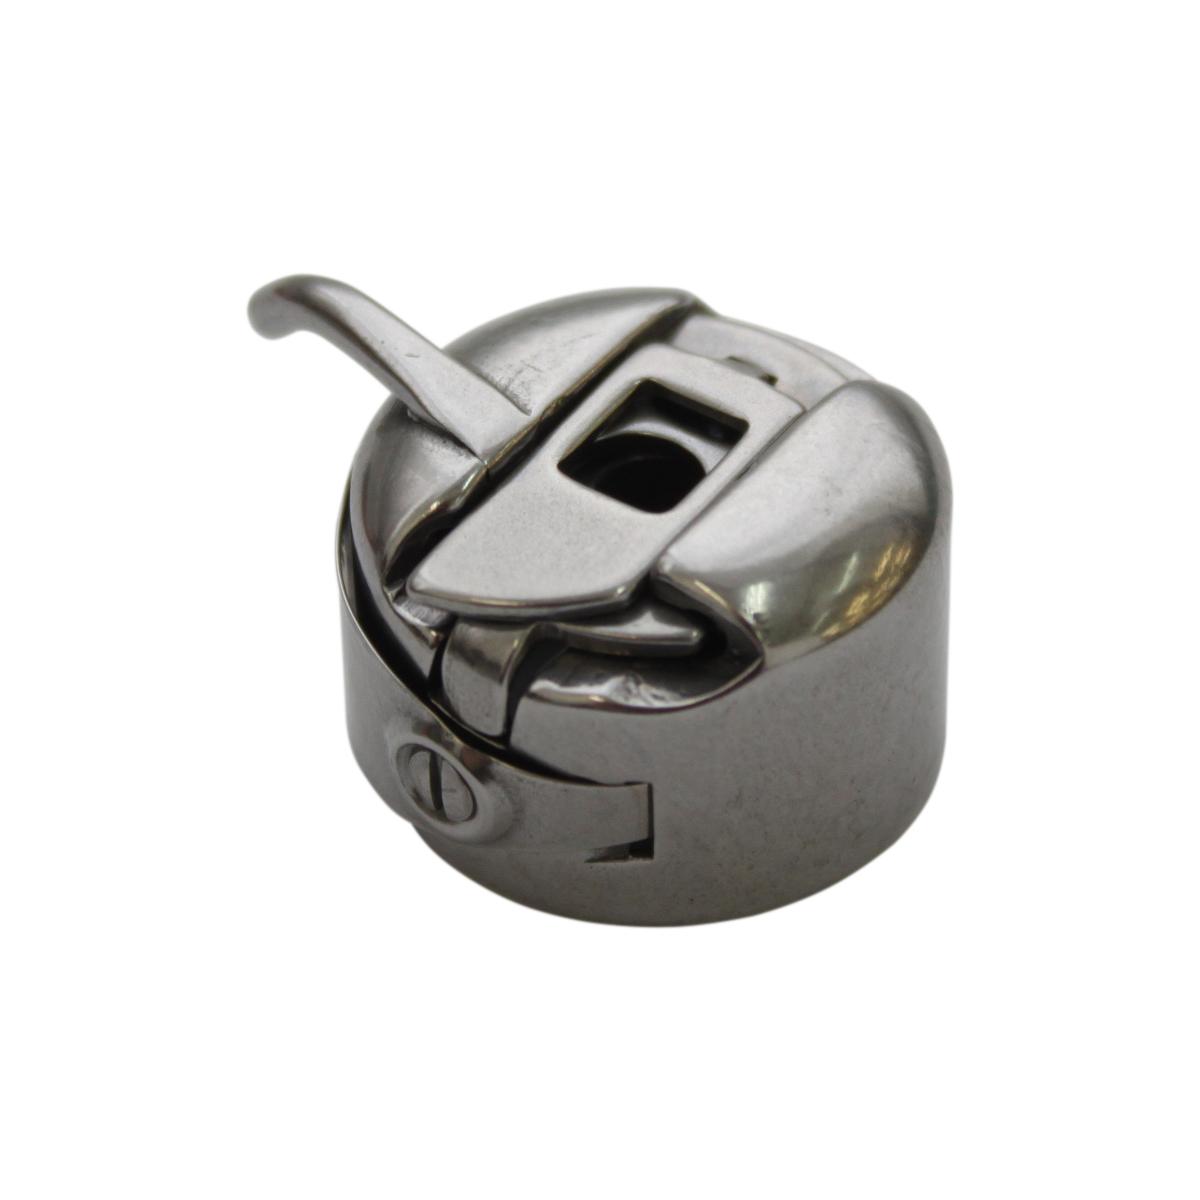 Шпульный колпачок Bestex SINGER, правоходный к БШМVB 20*28-40Шпульный колпачок Bestex SINGER изготовлен для классического челнока, правоходный. Шпульный колпачок для бытовых швейных машин.